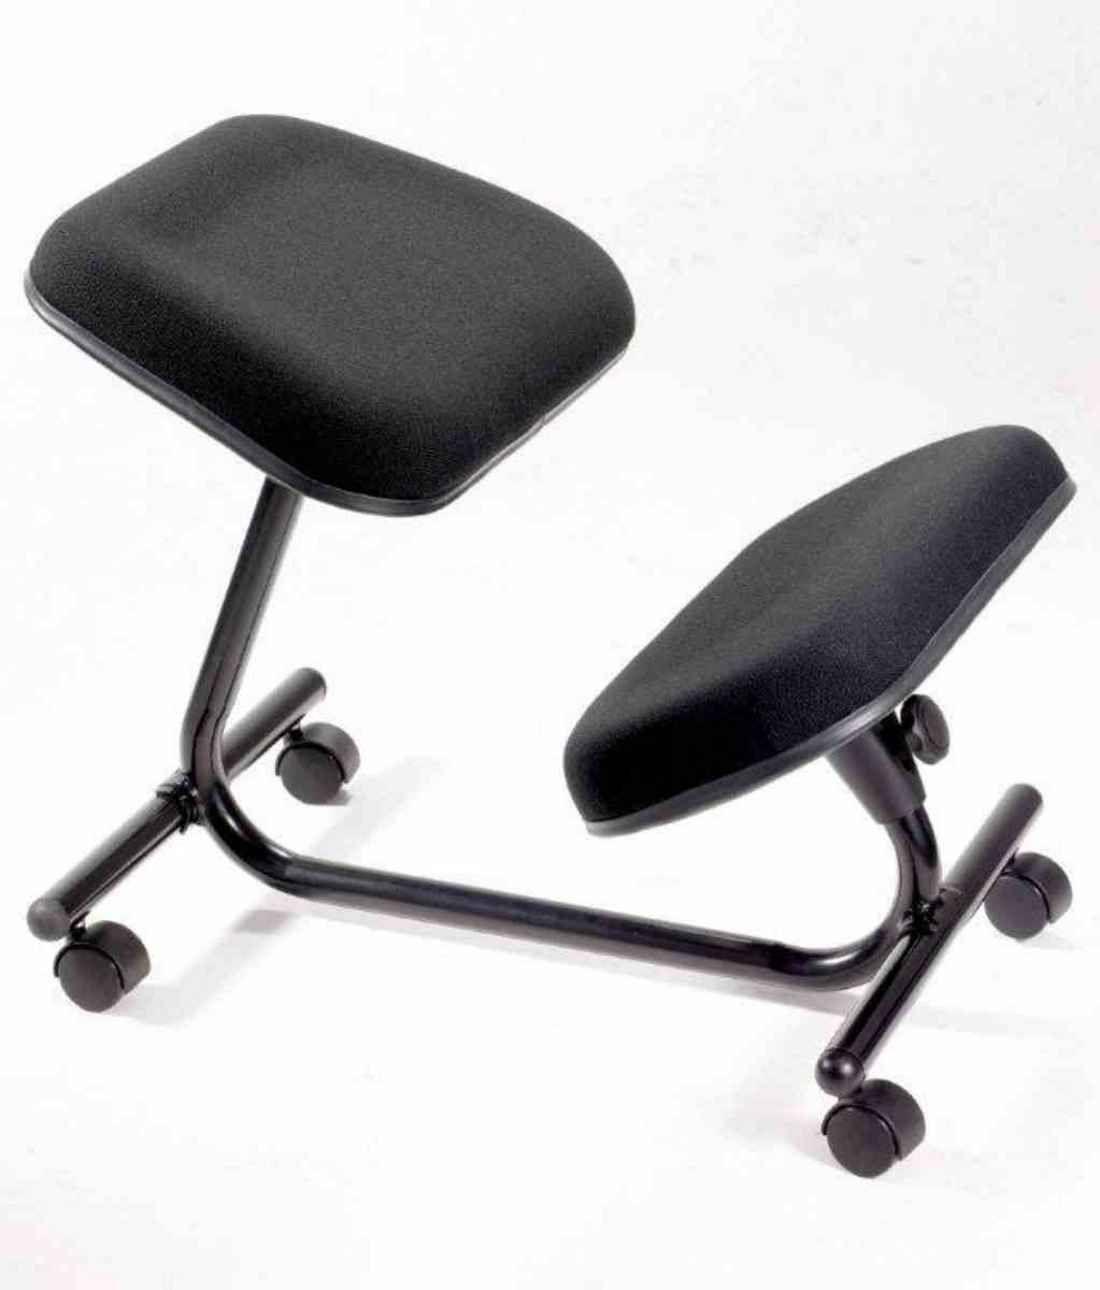 Büro Stühle | BüroMöbel | Pinterest | Büromöbel, Stuhl und Büros